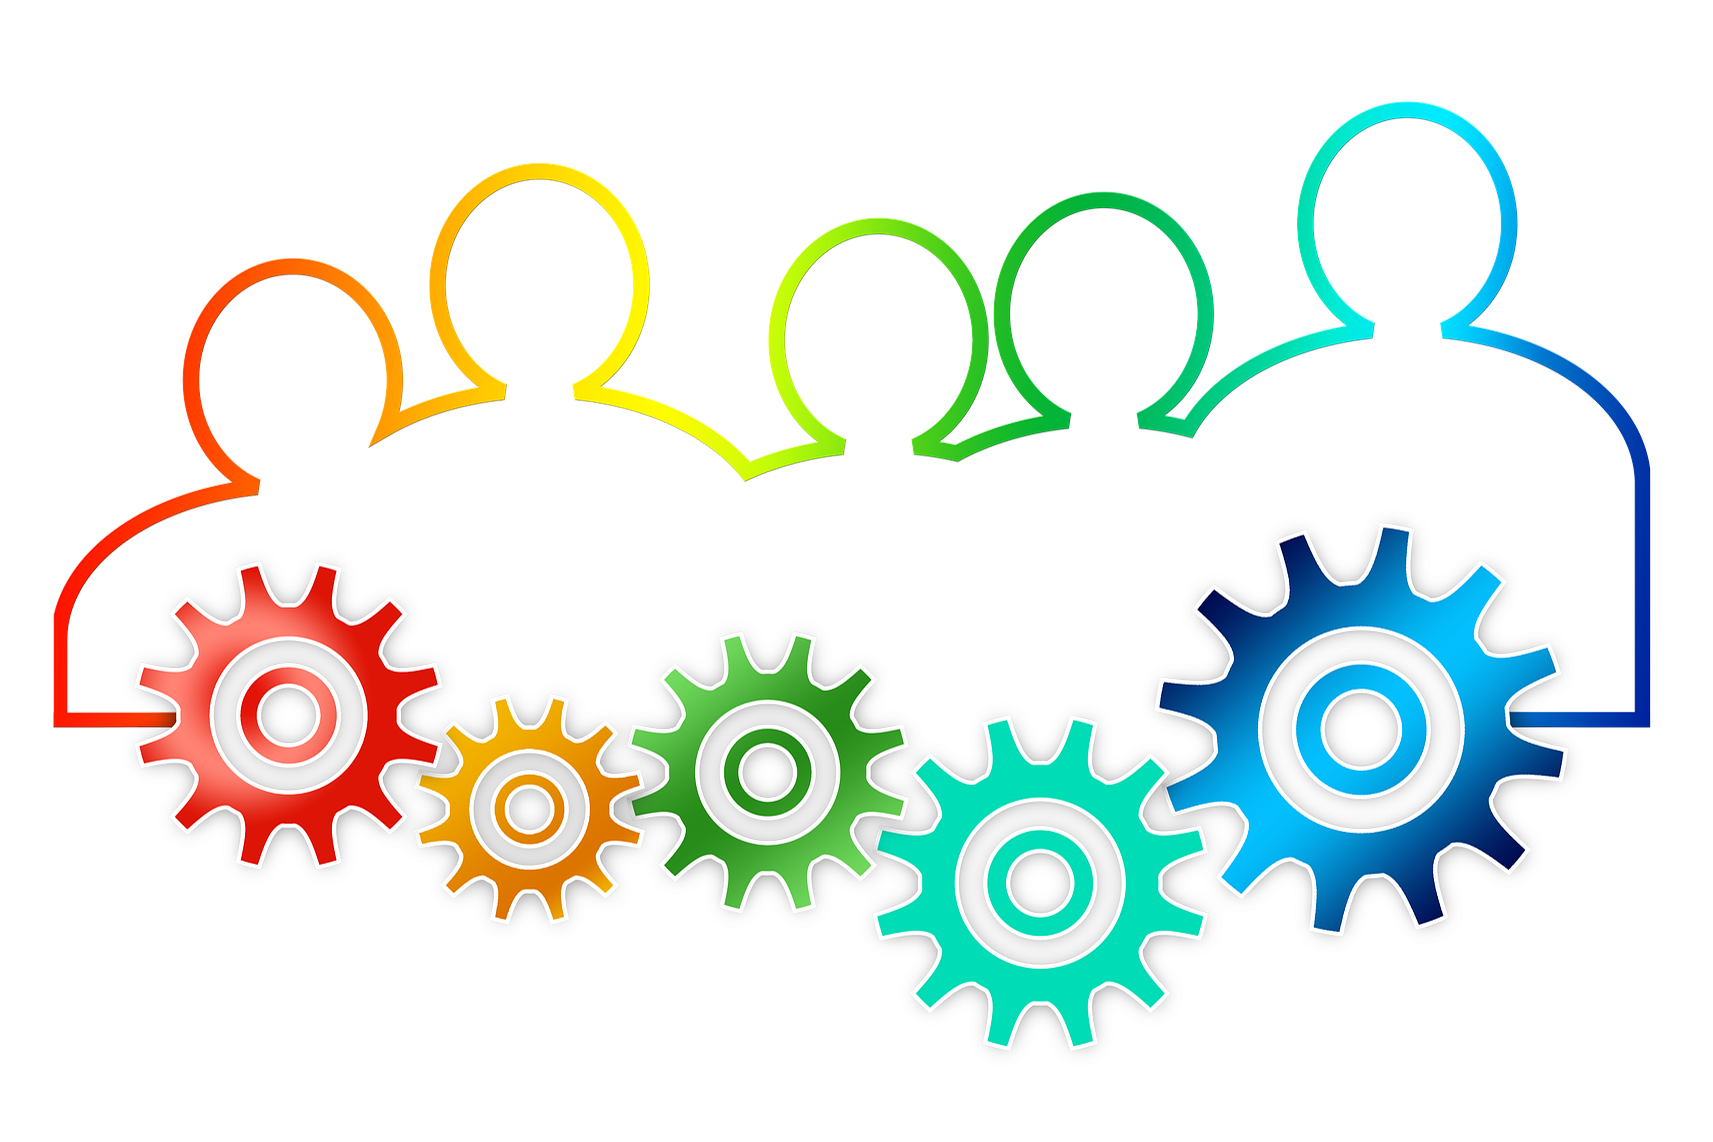 Personenschemen mit Zahnrädern, Quelle: teamwork-Bild_von_Gerd_Altmann_ auf_Pixabay